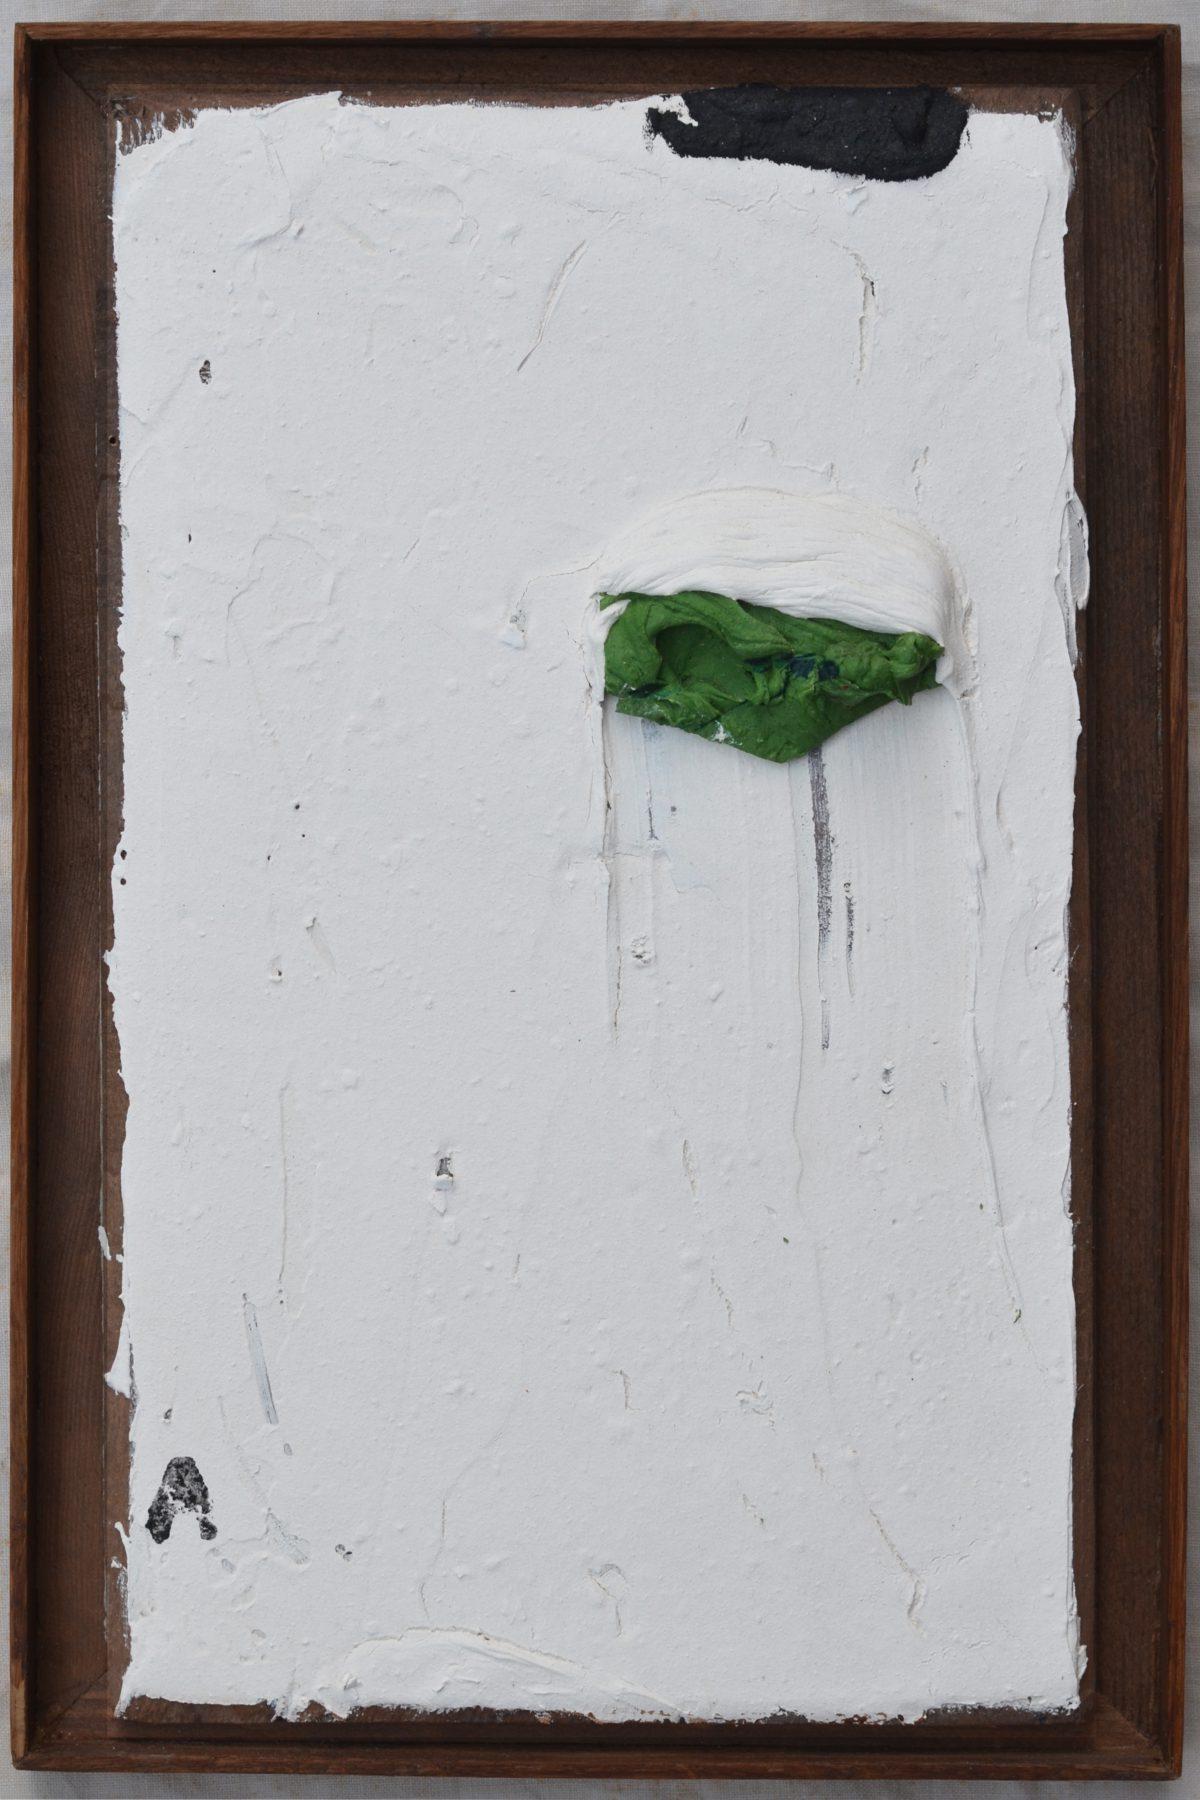 Angel Alonso - Vert le Noir - 33,5 x 20 cm